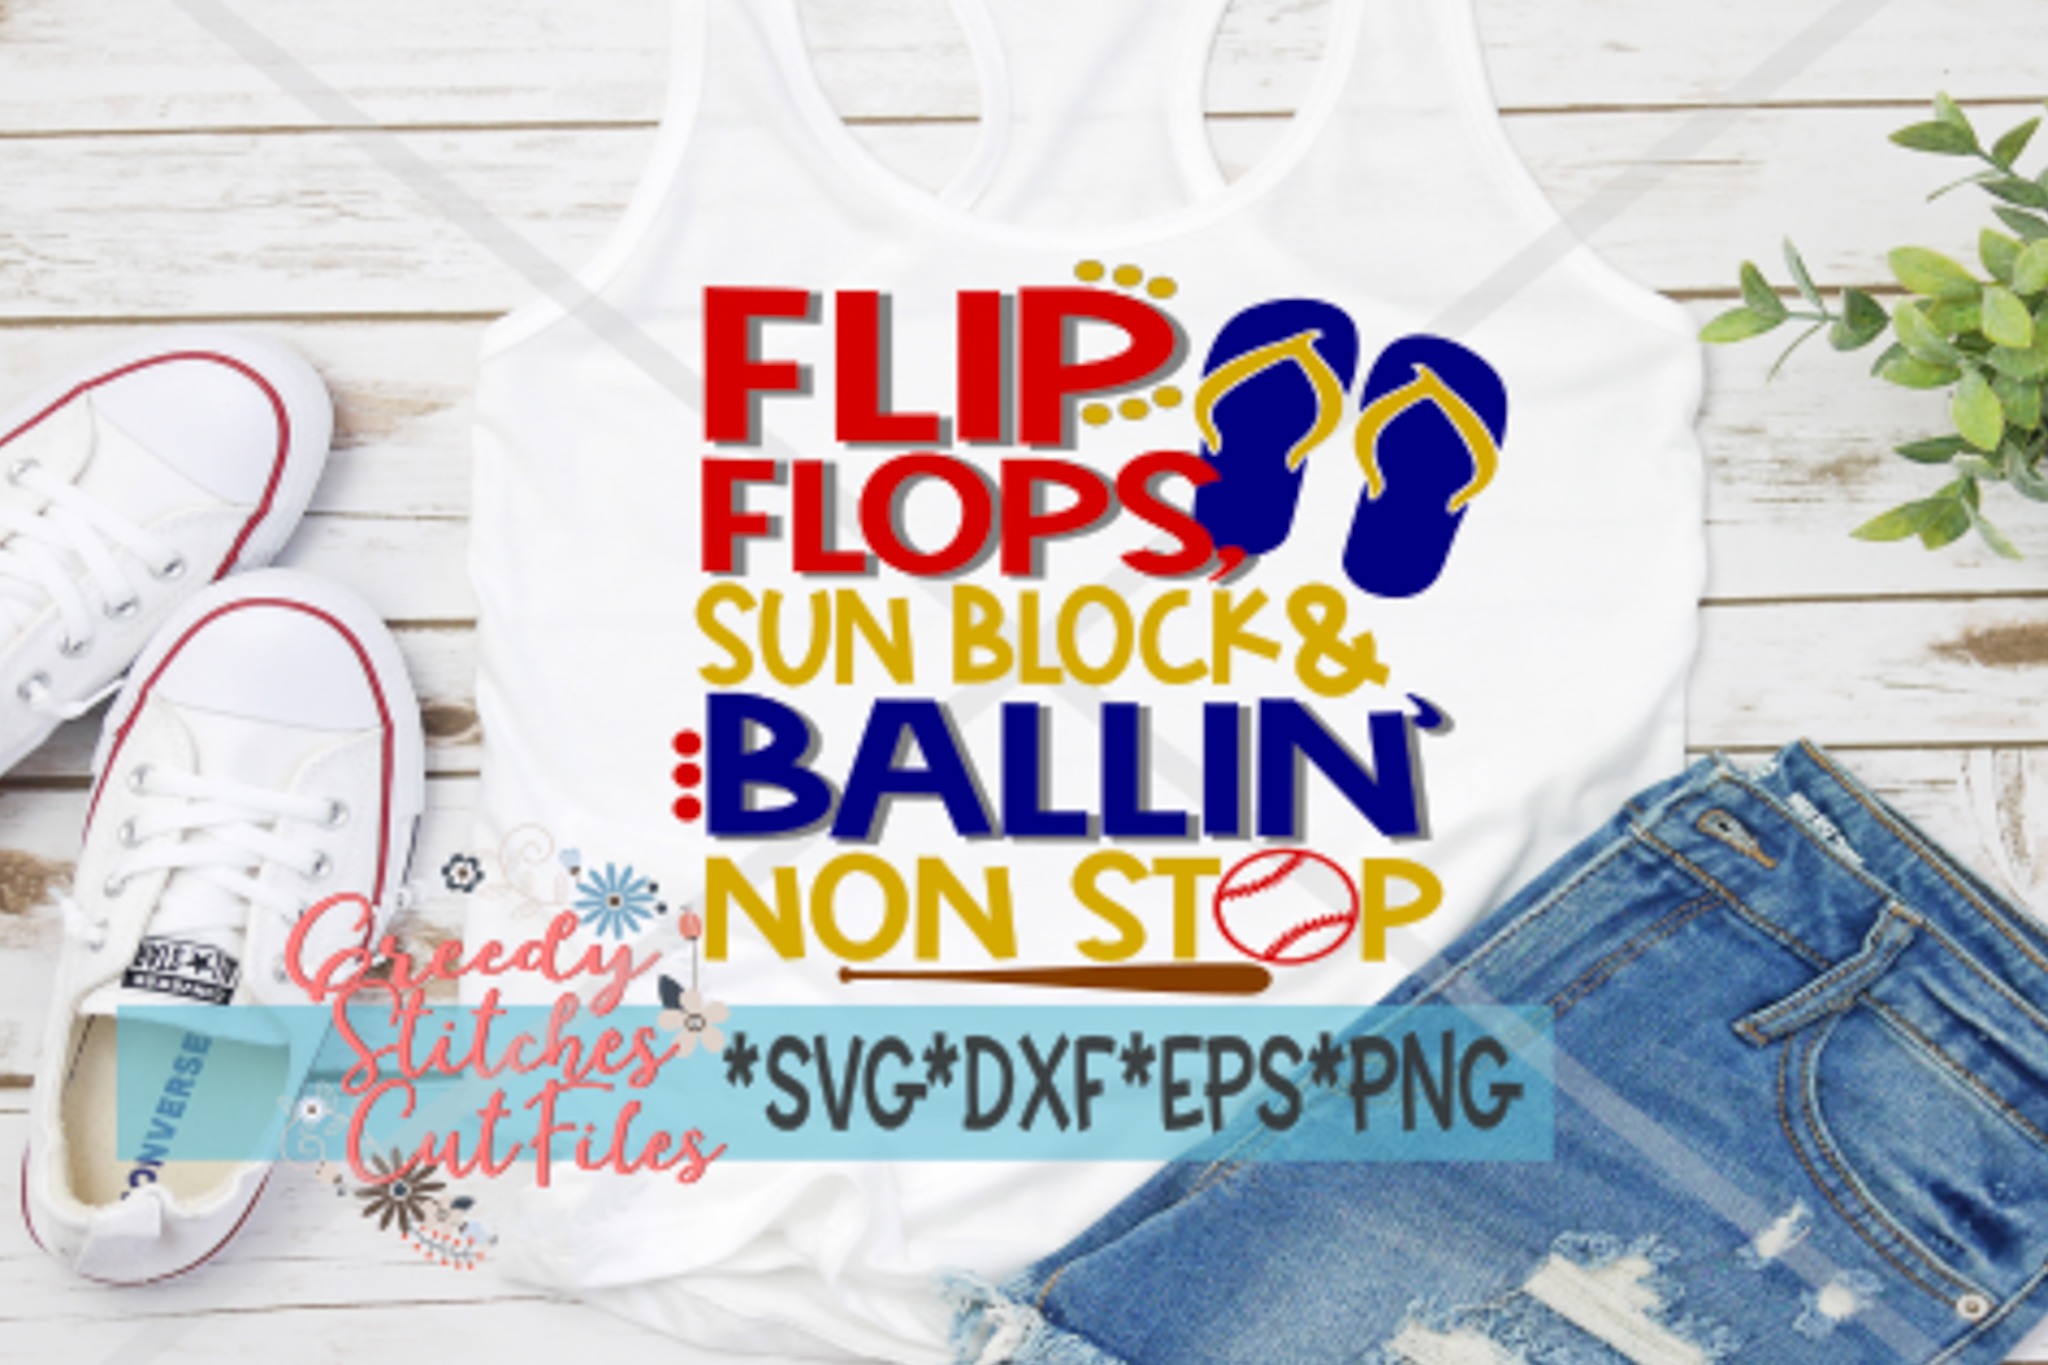 Flip Flops Sun Block Ballin' Non Stop SVG Baseball Softball example image 4